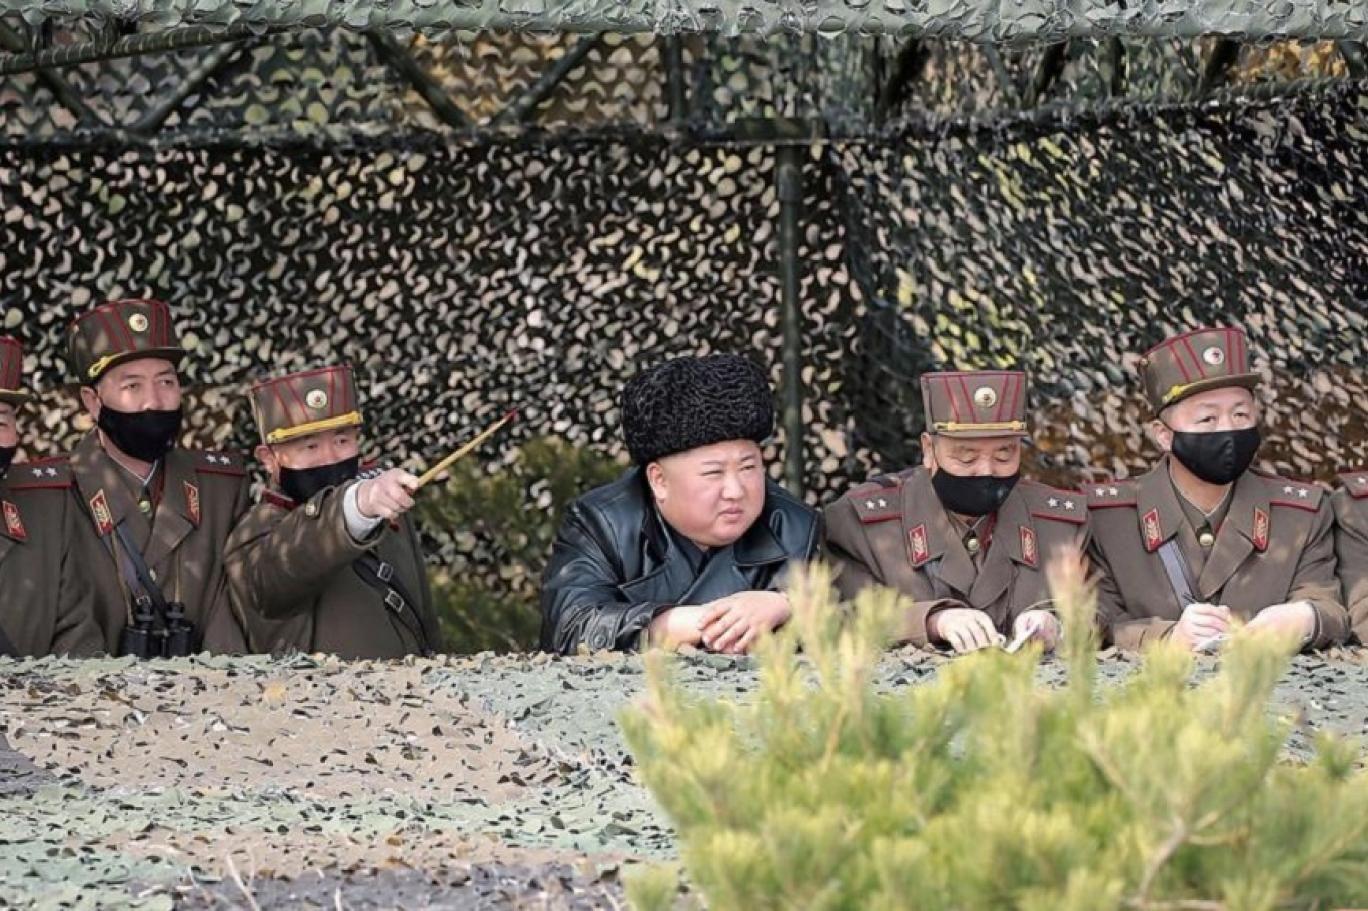 كوريا الجنوبية كيم جونغ أون على قيد الحياة وبصحة جيدة بيونغ يانغ تتحدث عن نشاط زعيمها الاعتيادي بعد أنباء عن مرضه ووفاته Photos Of The Week North Korea Kim Photo